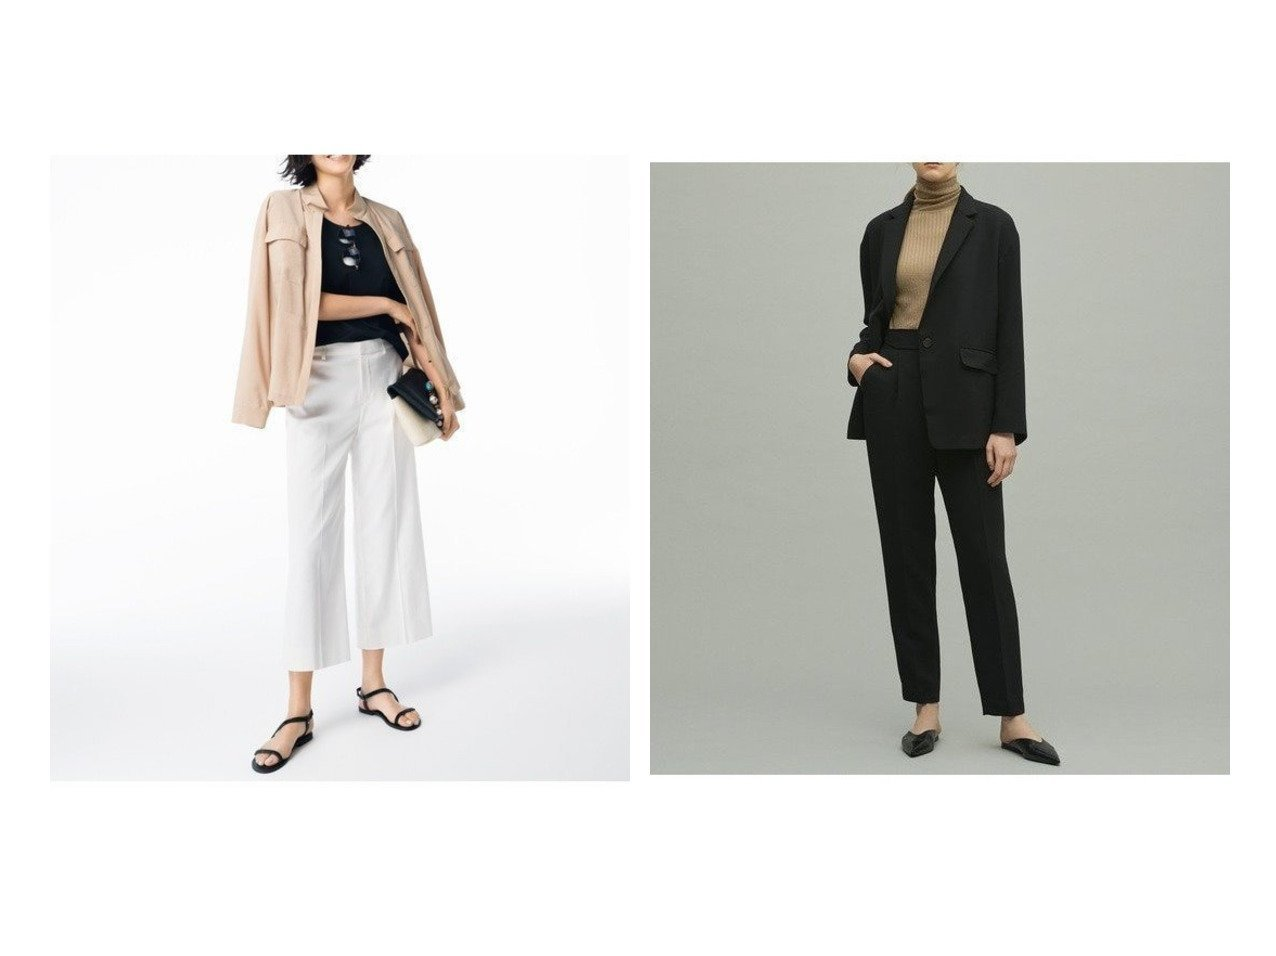 【uncrave/アンクレイヴ】のウォッシャブルダブルクロス パンツ&【JIYU-KU/自由区】のCOOLMAX クロップドワイドパンツ パンツのおすすめ!人気、トレンド・レディースファッションの通販 おすすめで人気の流行・トレンド、ファッションの通販商品 メンズファッション・キッズファッション・インテリア・家具・レディースファッション・服の通販 founy(ファニー) https://founy.com/ ファッション Fashion レディースファッション WOMEN パンツ Pants 送料無料 Free Shipping ジャケット フロント 再入荷 Restock/Back in Stock/Re Arrival シンプル ストレッチ センター 定番 Standard ワイド |ID:crp329100000012417